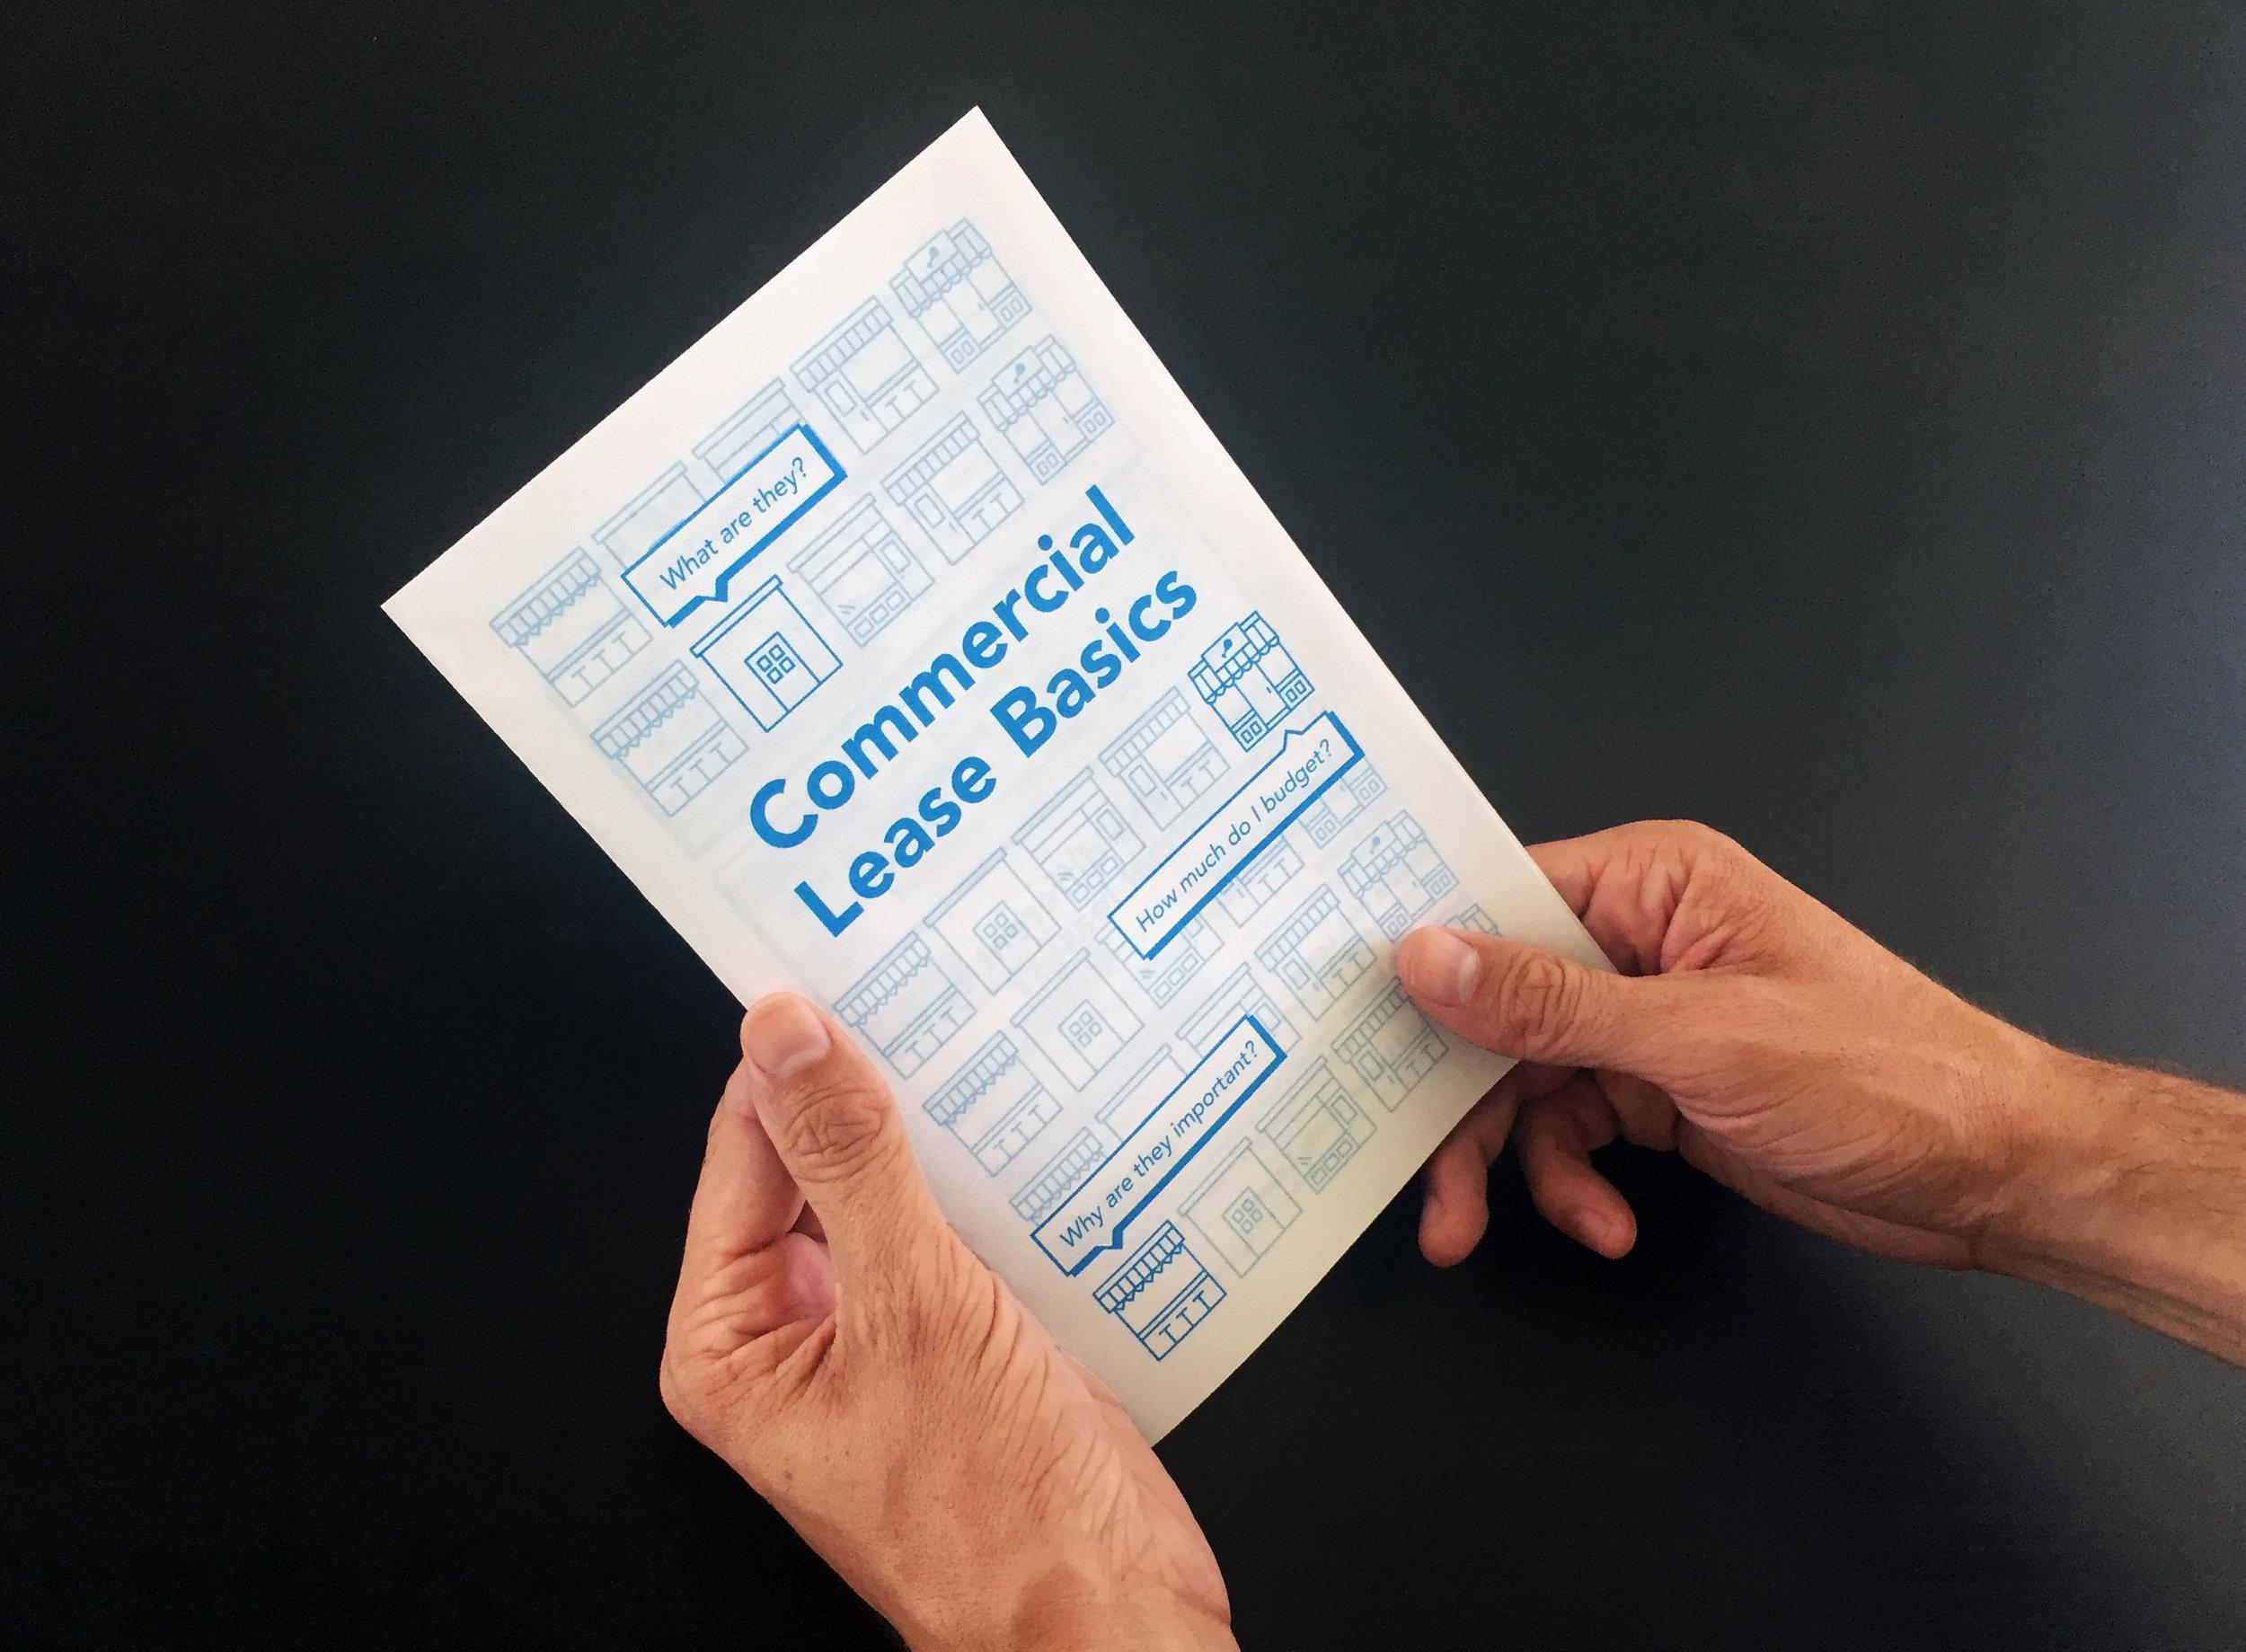 CommercialLeaseBasicsBooklet01.jpg